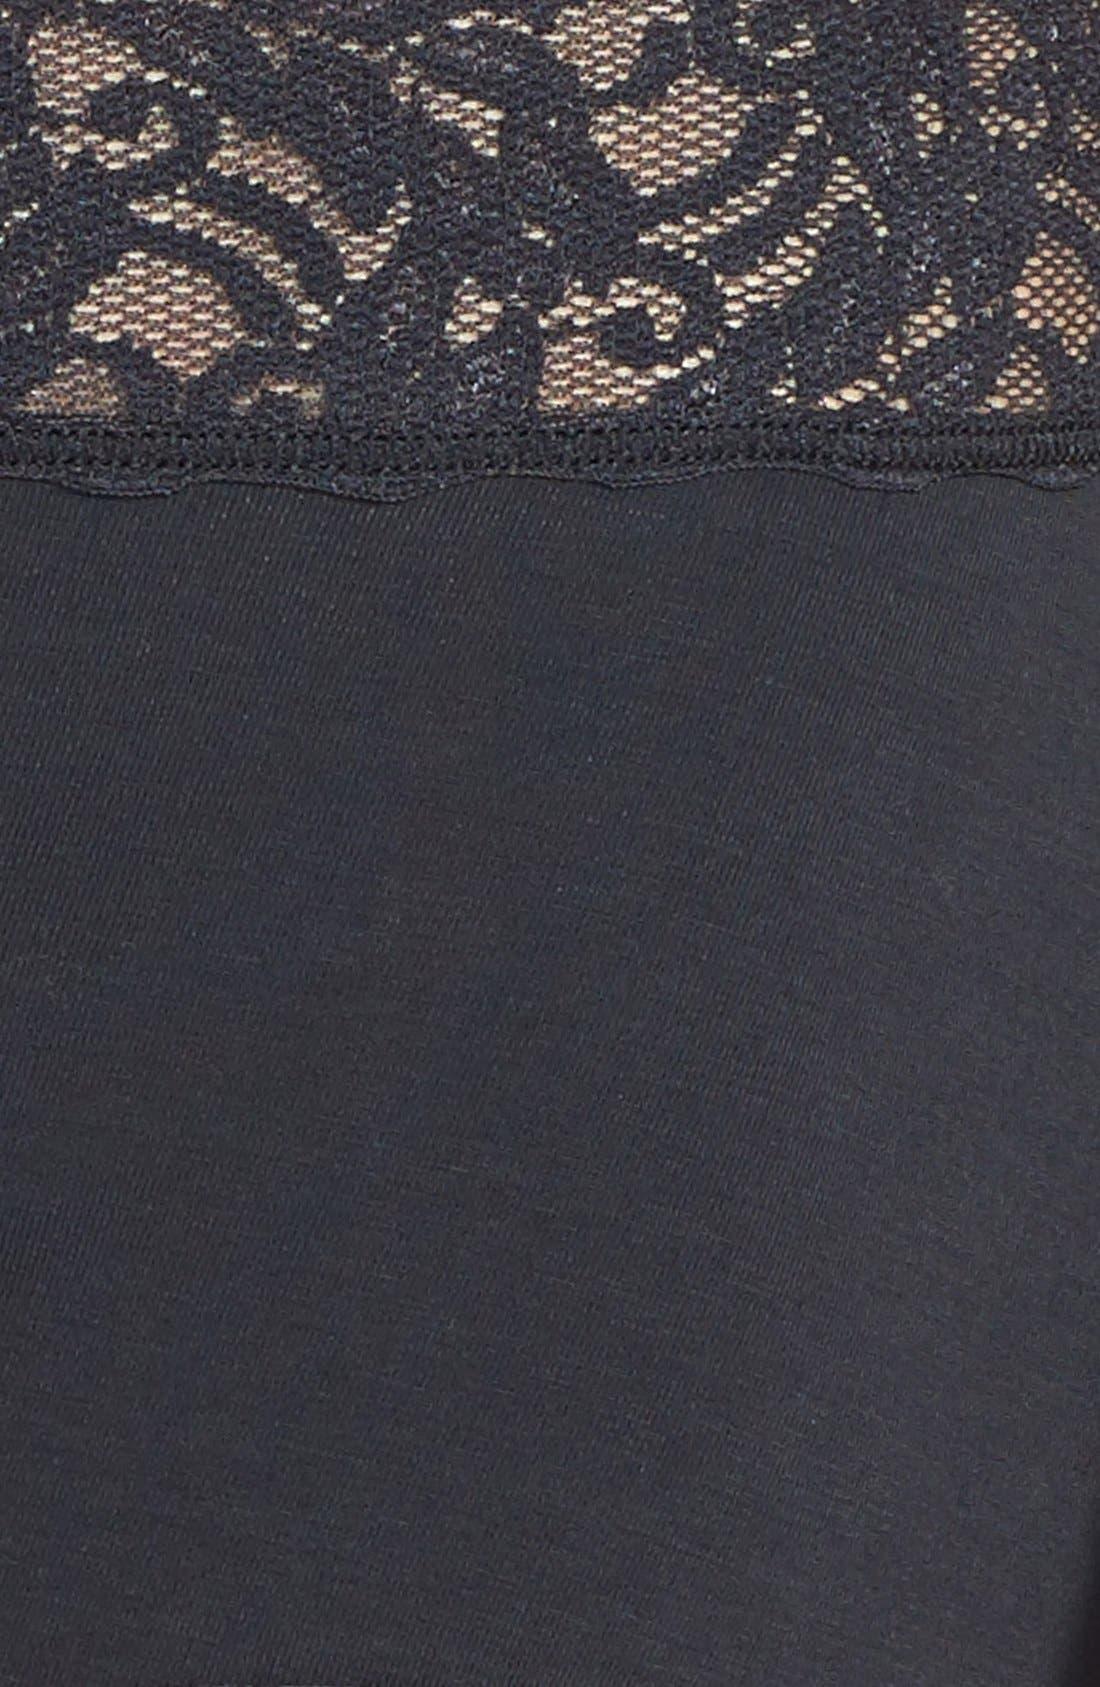 'Cotton Suede' Lace Trim Briefs,                             Alternate thumbnail 3, color,                             BLACK